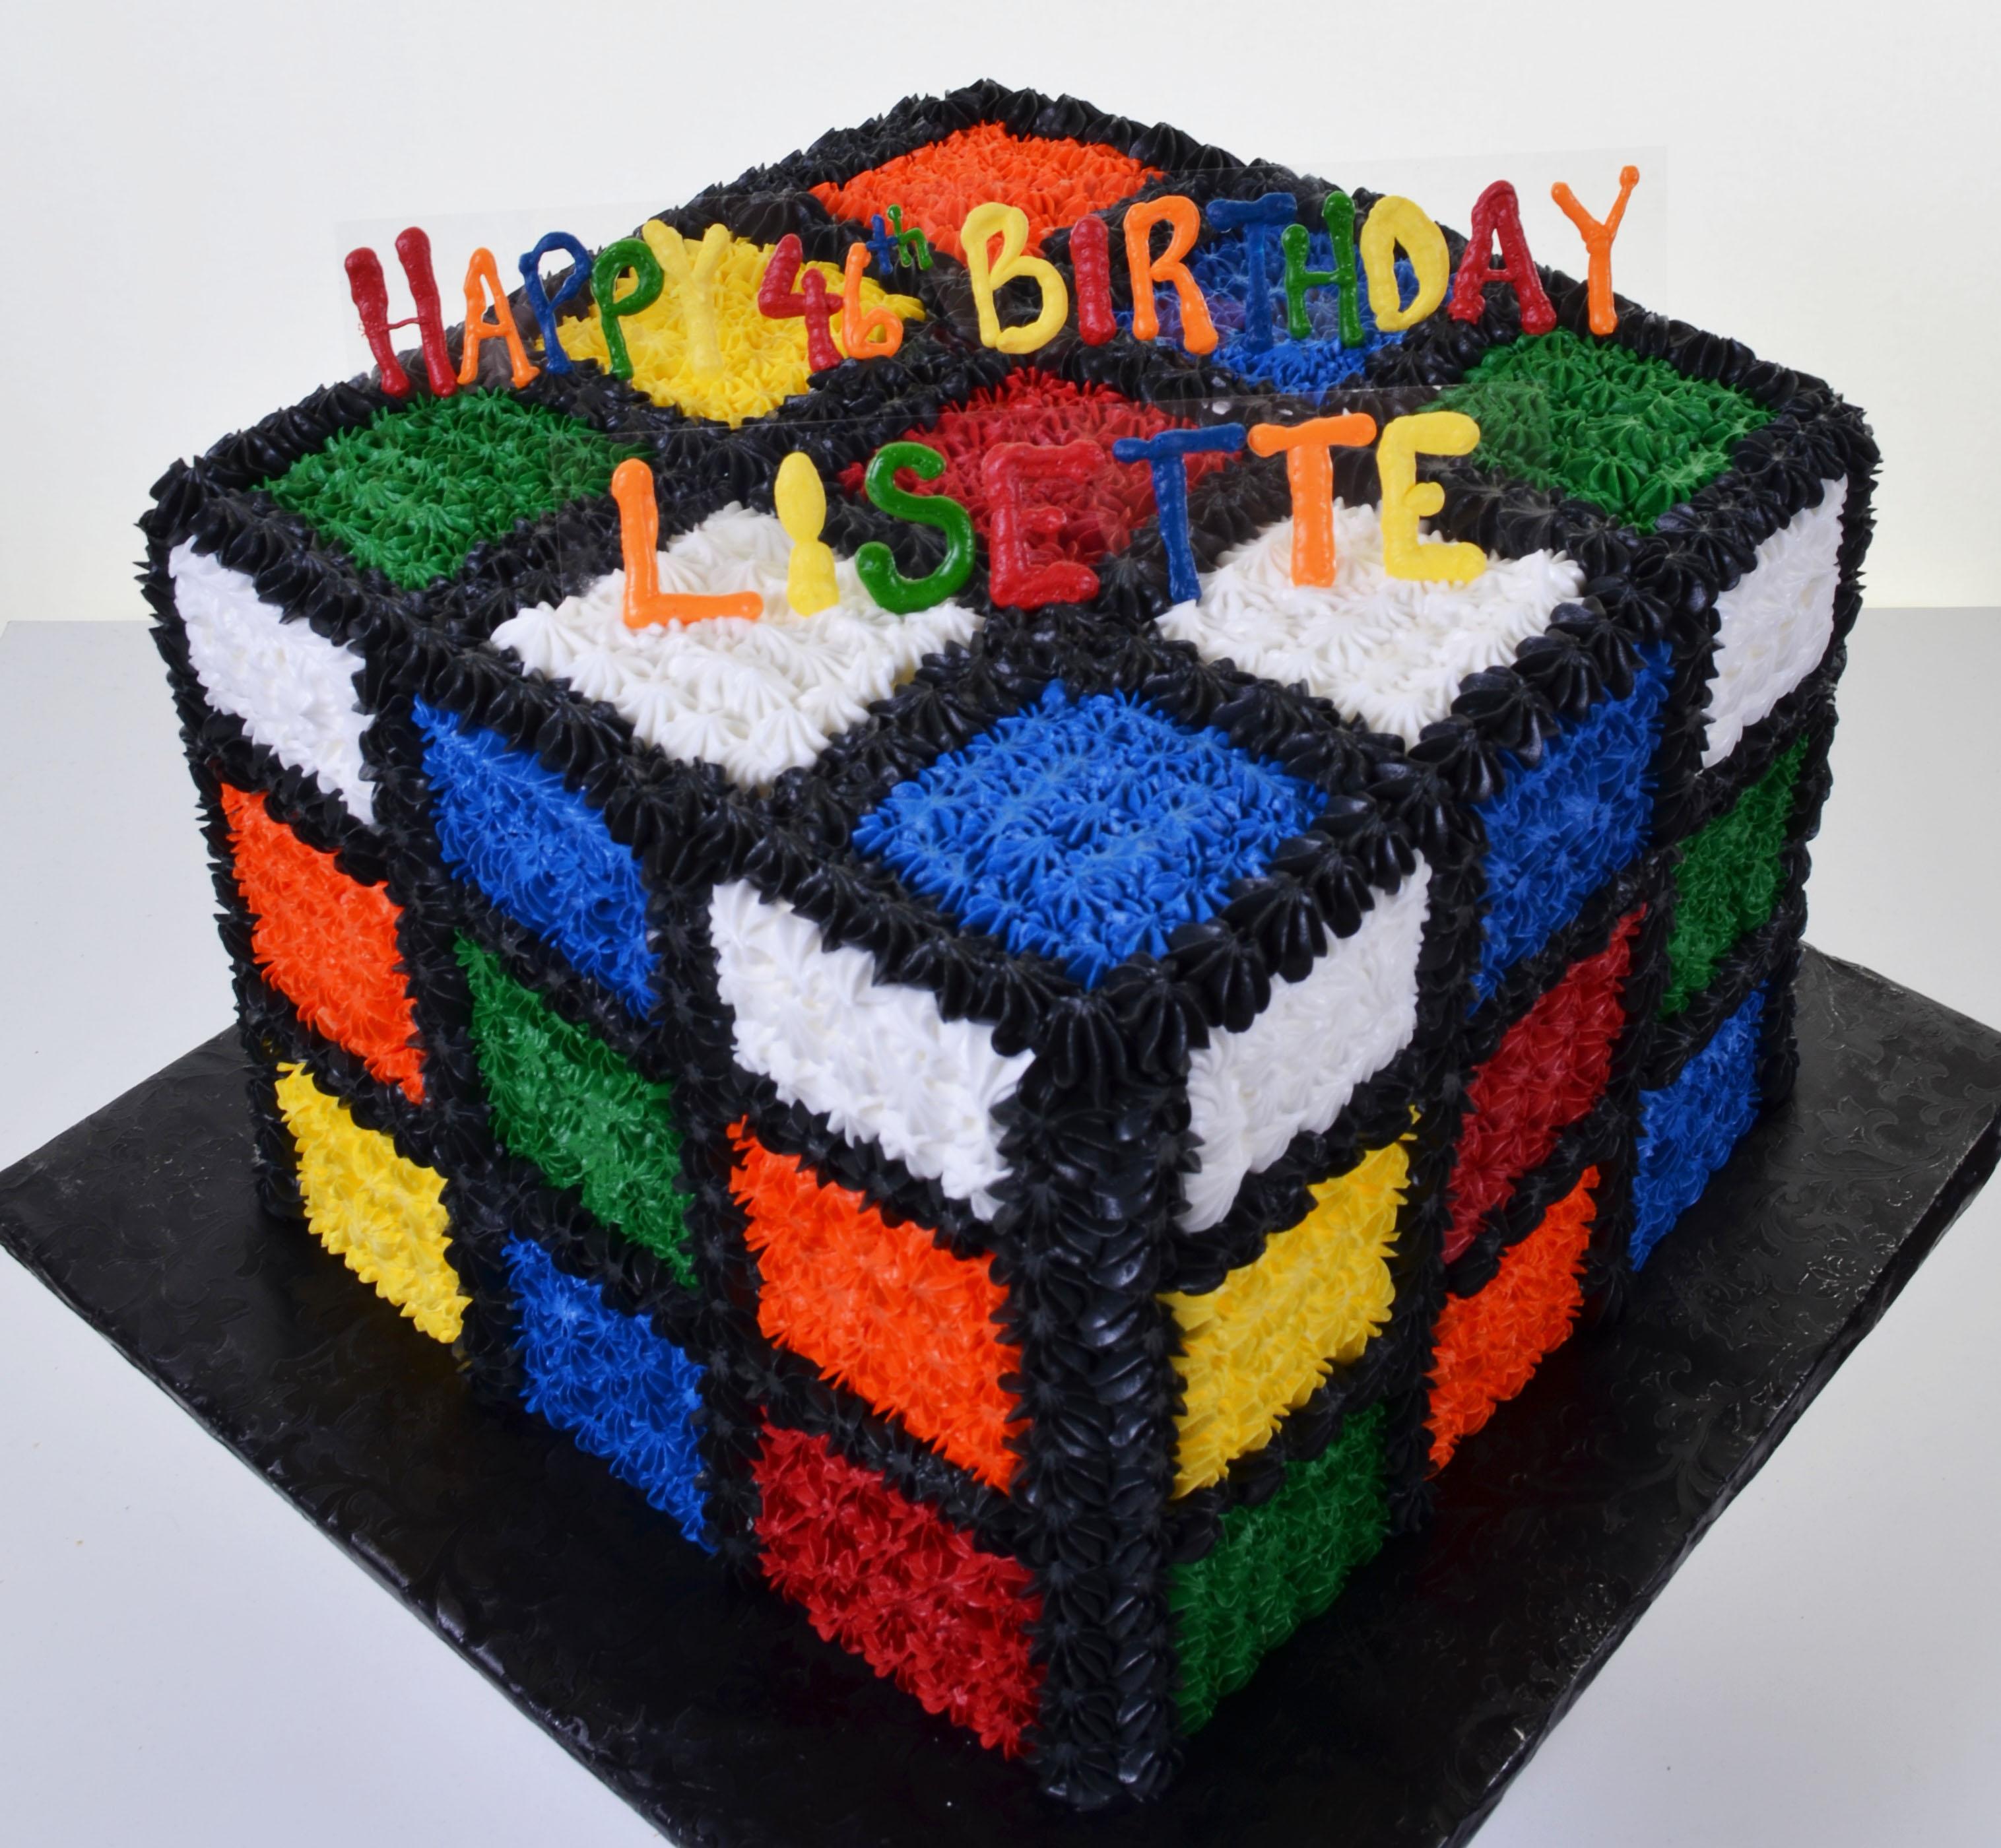 Картинки с днем рождения кубика рубика, ватных дисков открытку